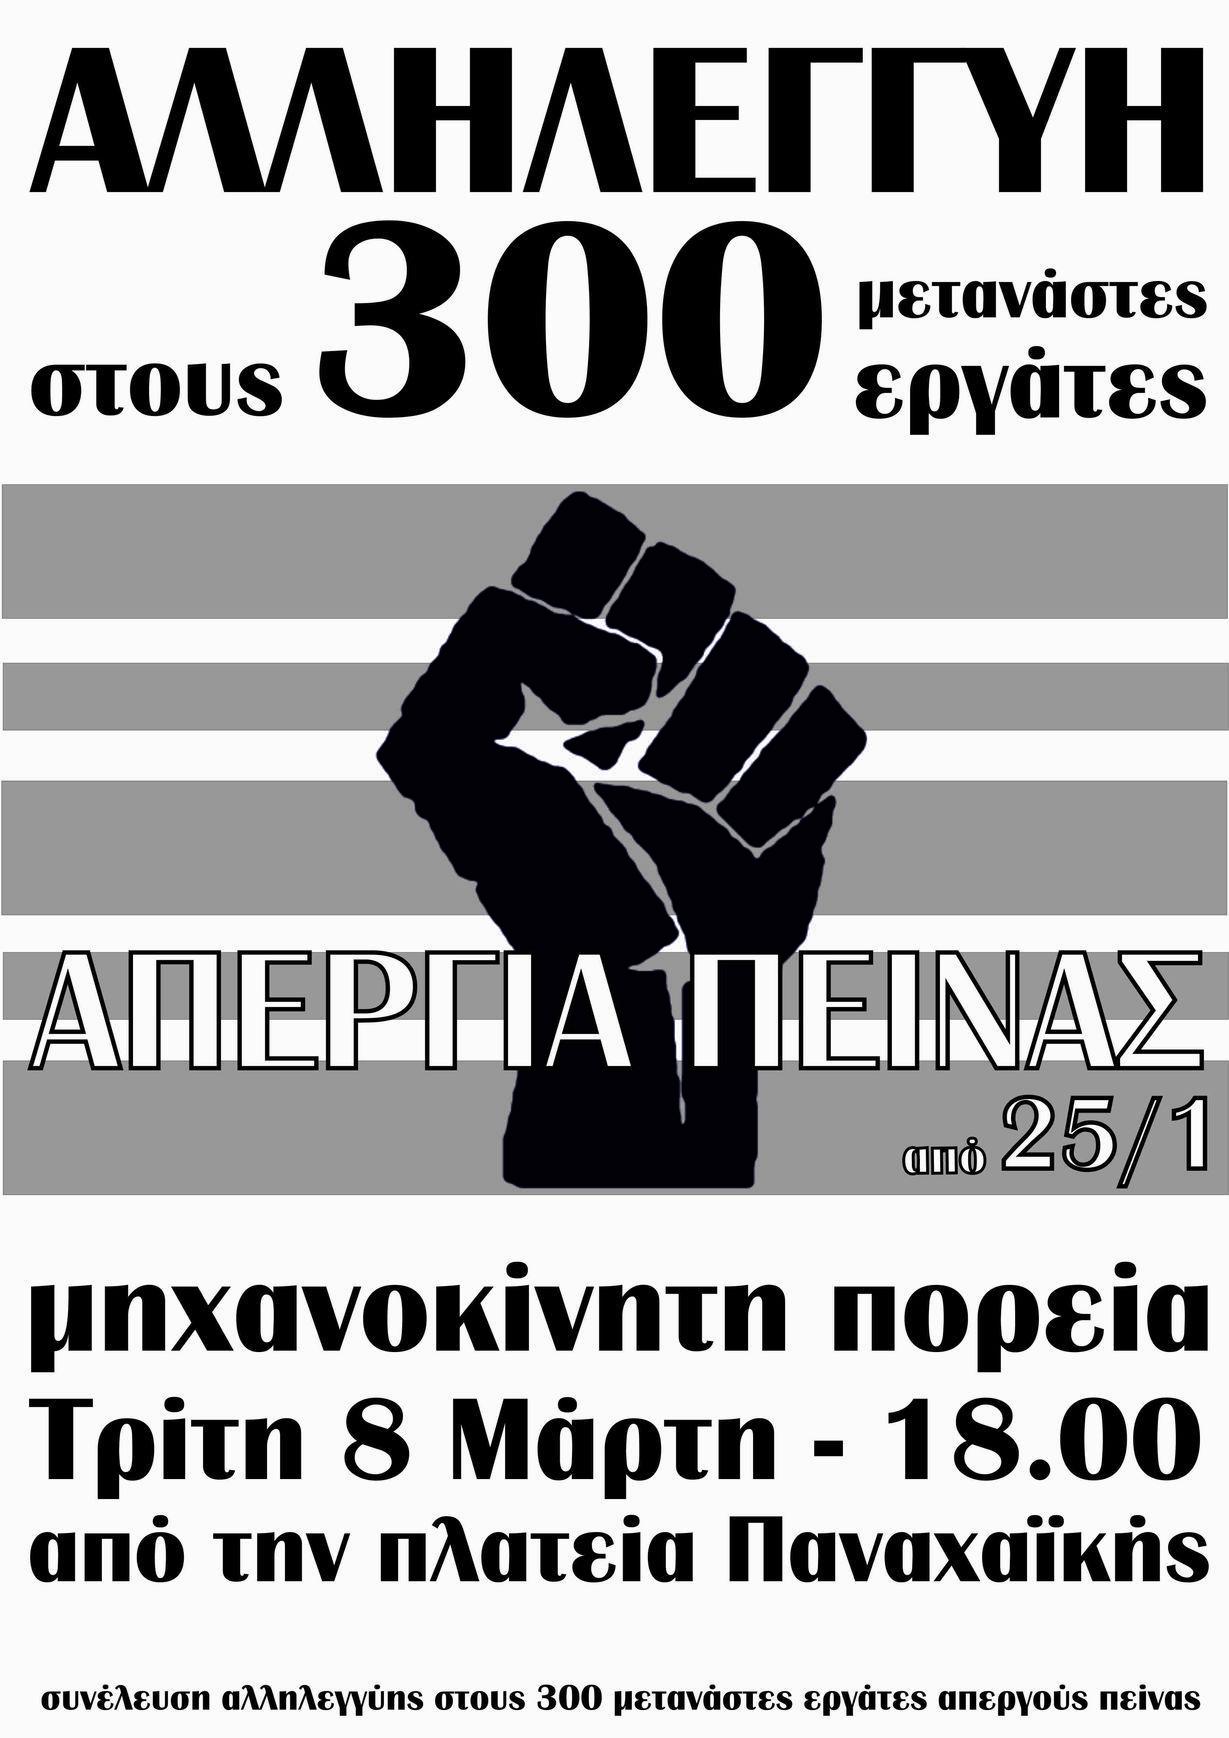 Πάτρα: Μηχανοκίνητη πορεία αλληλεγγύης Τρίτη 08/03